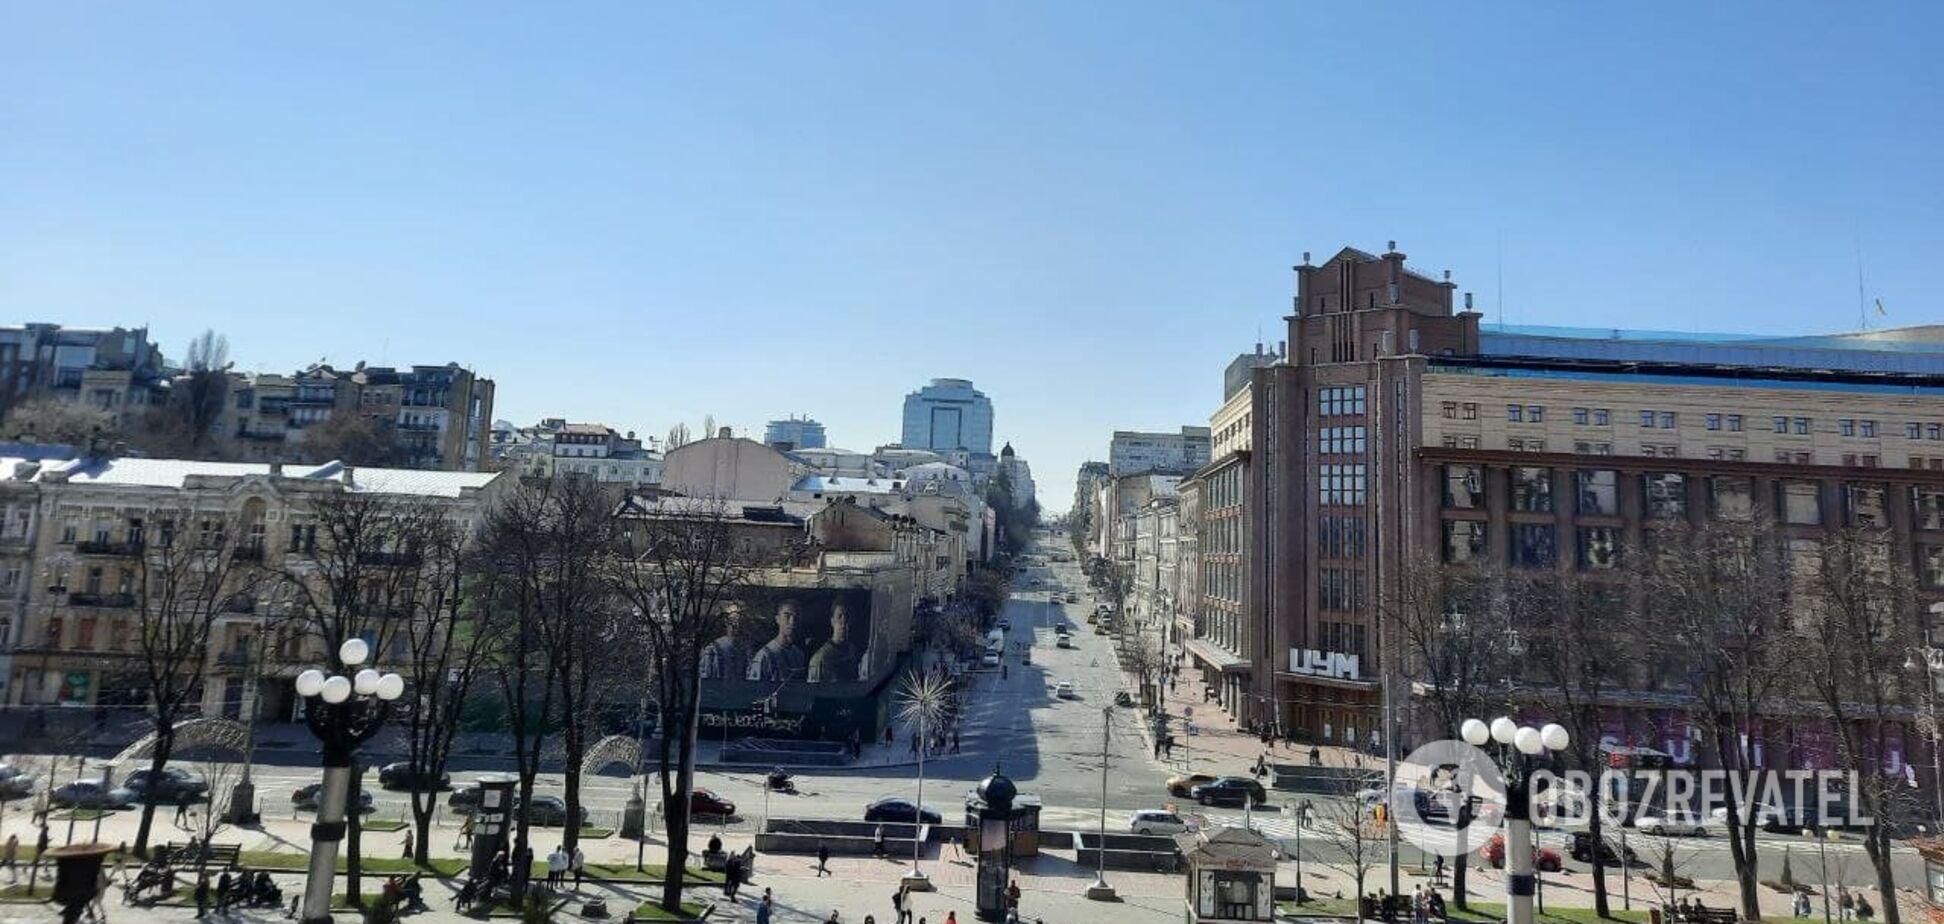 Мораторий на строительство в центре Киева. Мы должны это сделать!